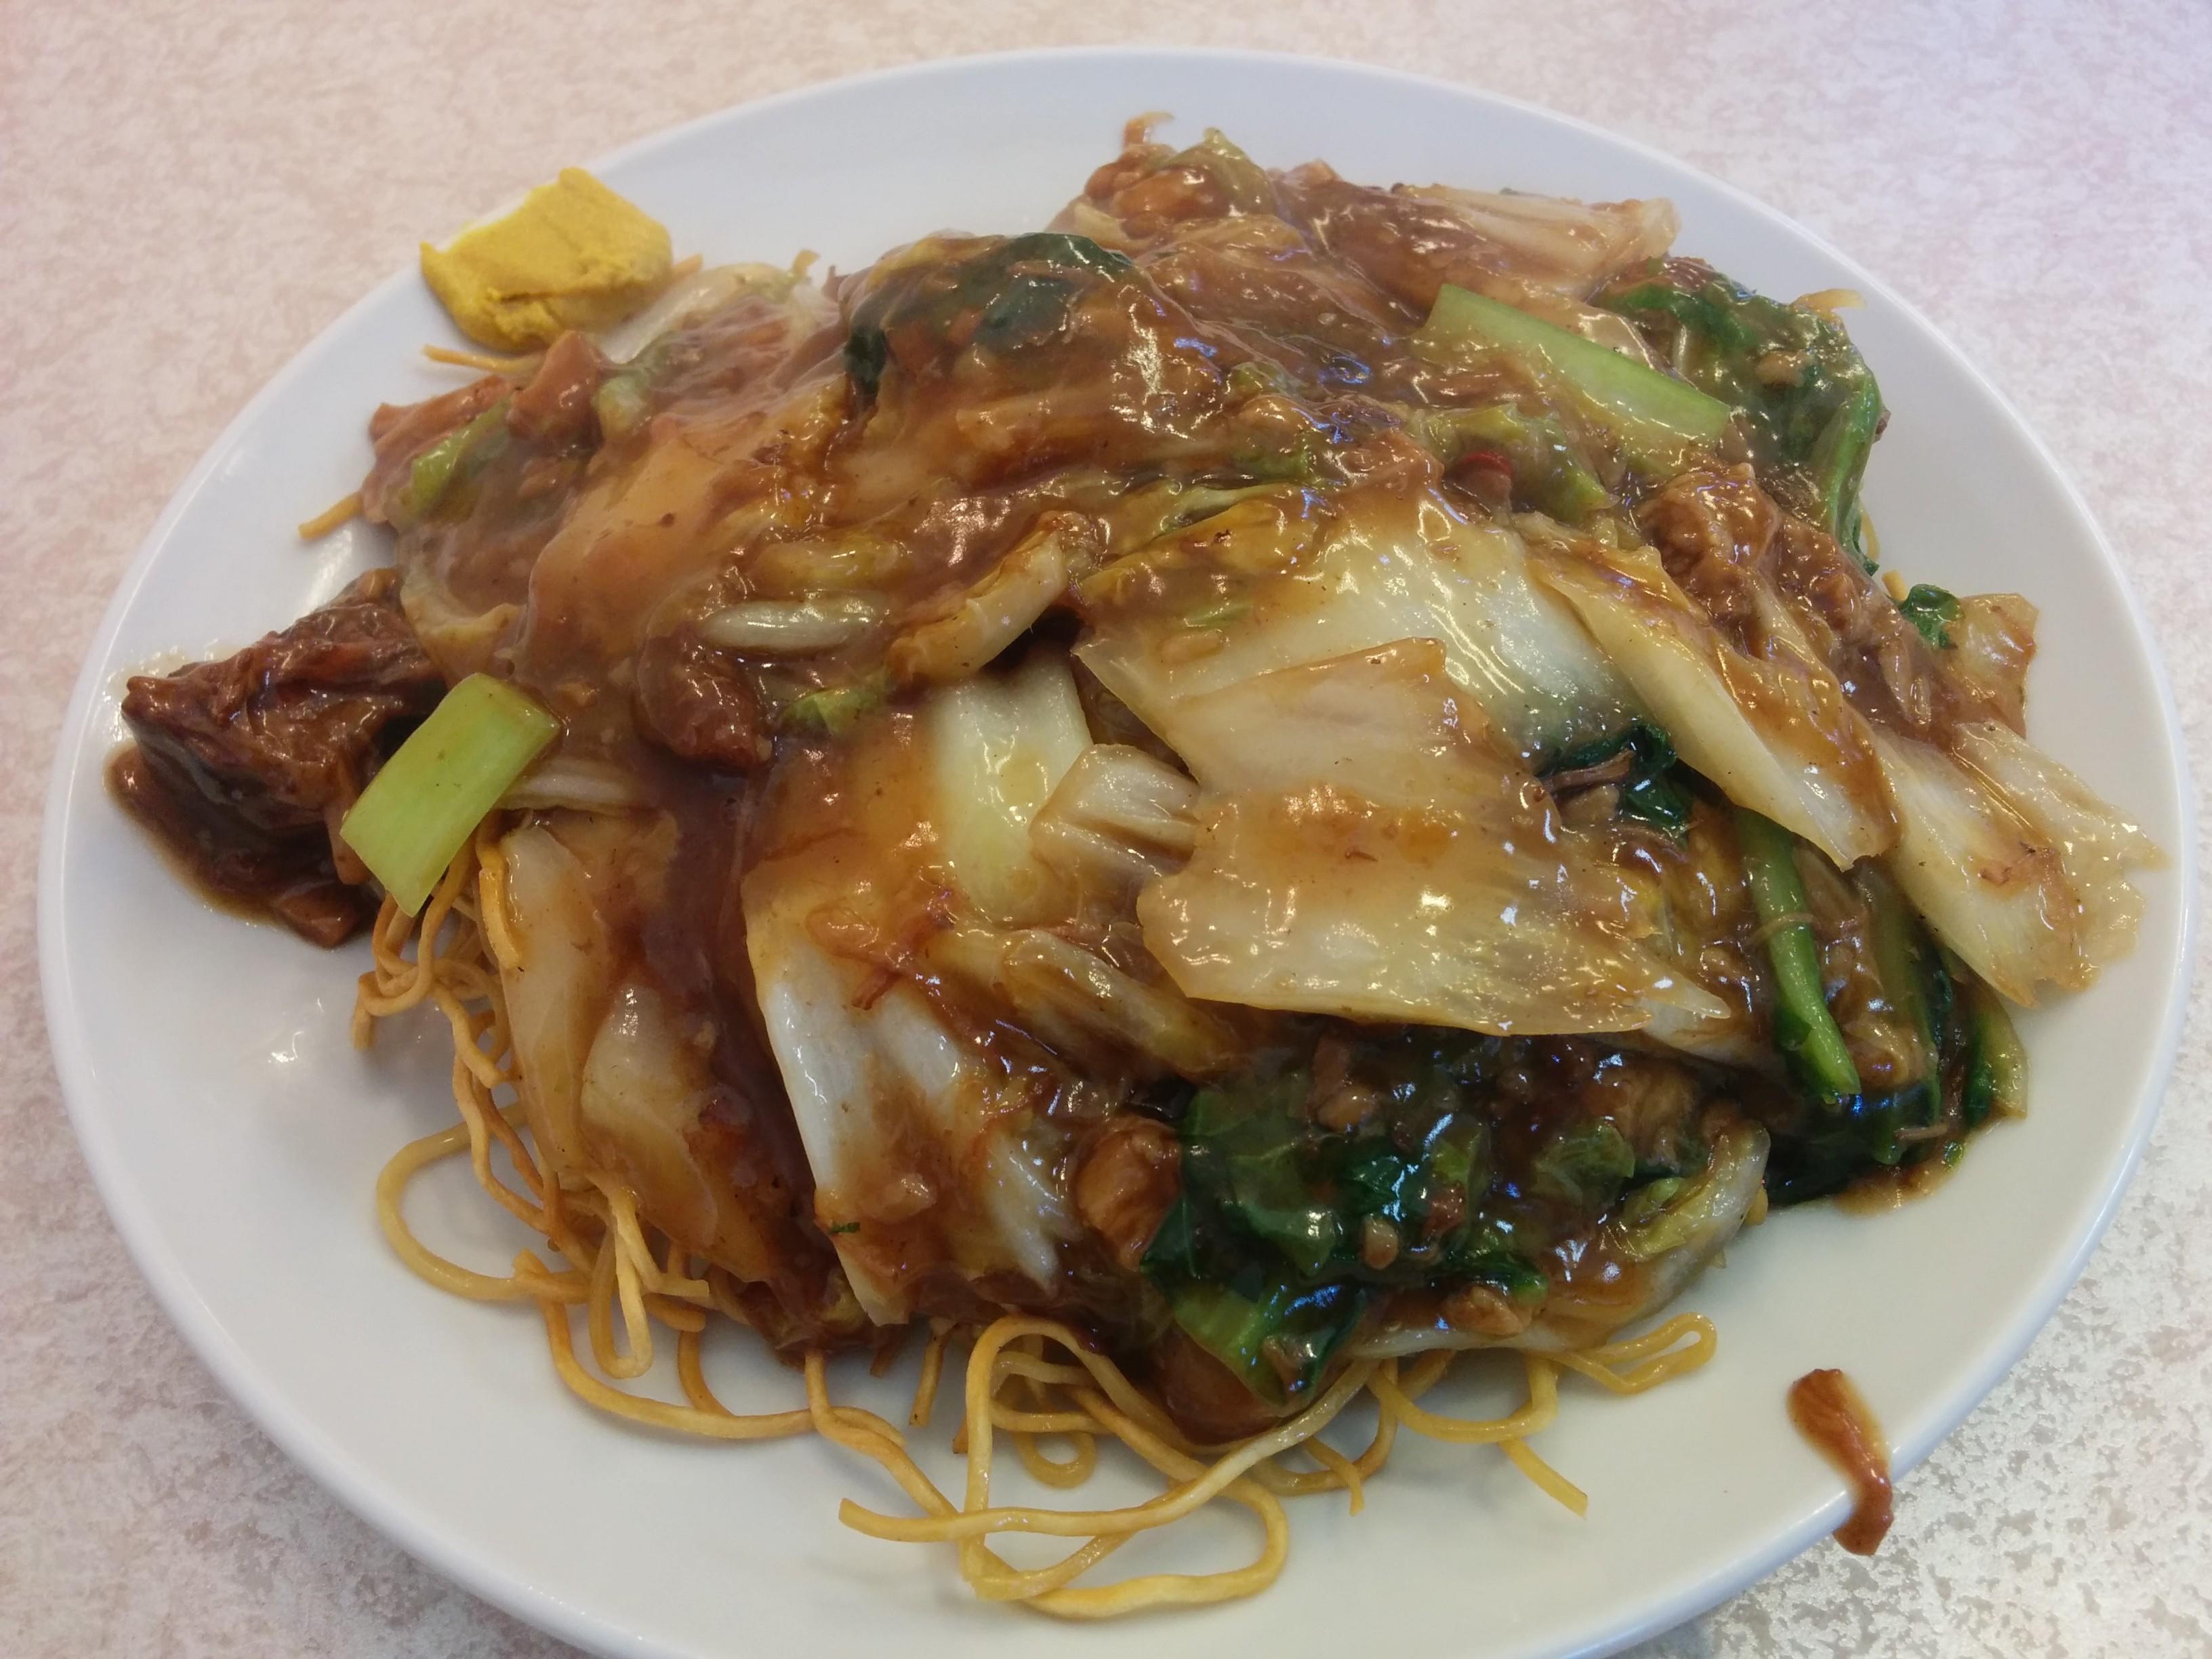 【神戸SPECIAL】3.中国料理 Kirin(神戸・深江)ビーフシチュー焼きそば